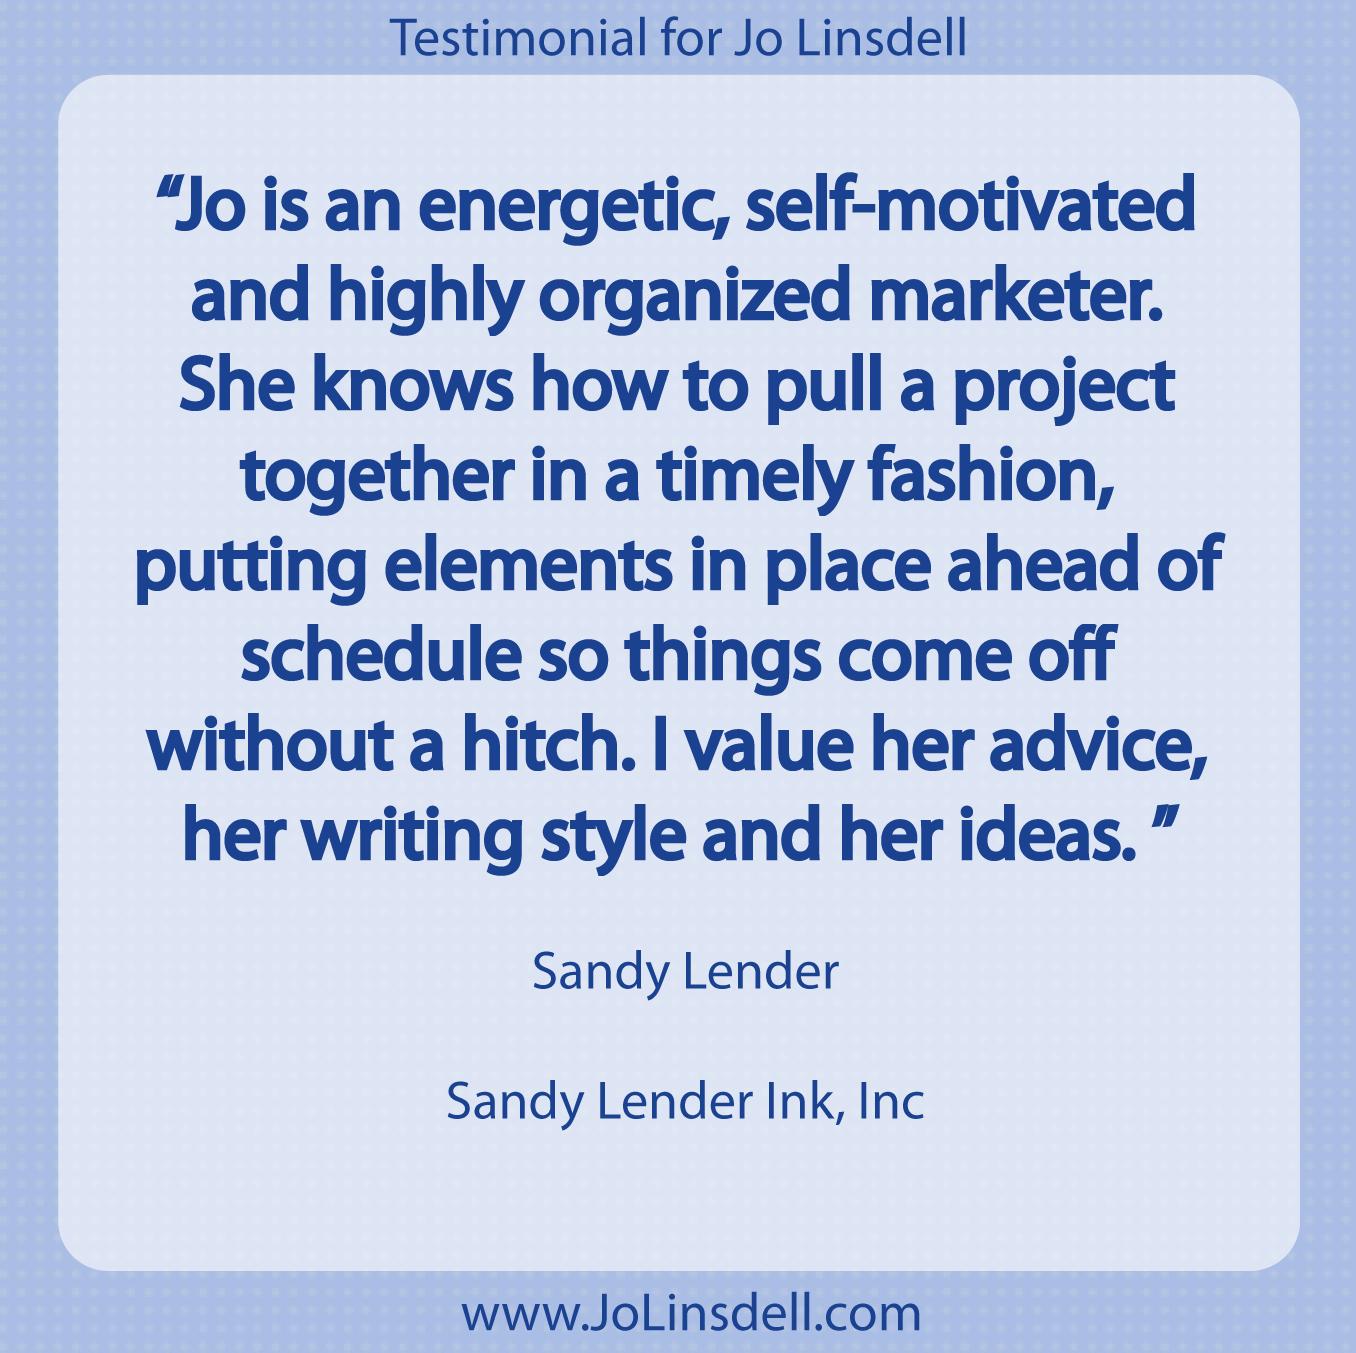 Testimonial for Jo Linsdell by Sandy Lender